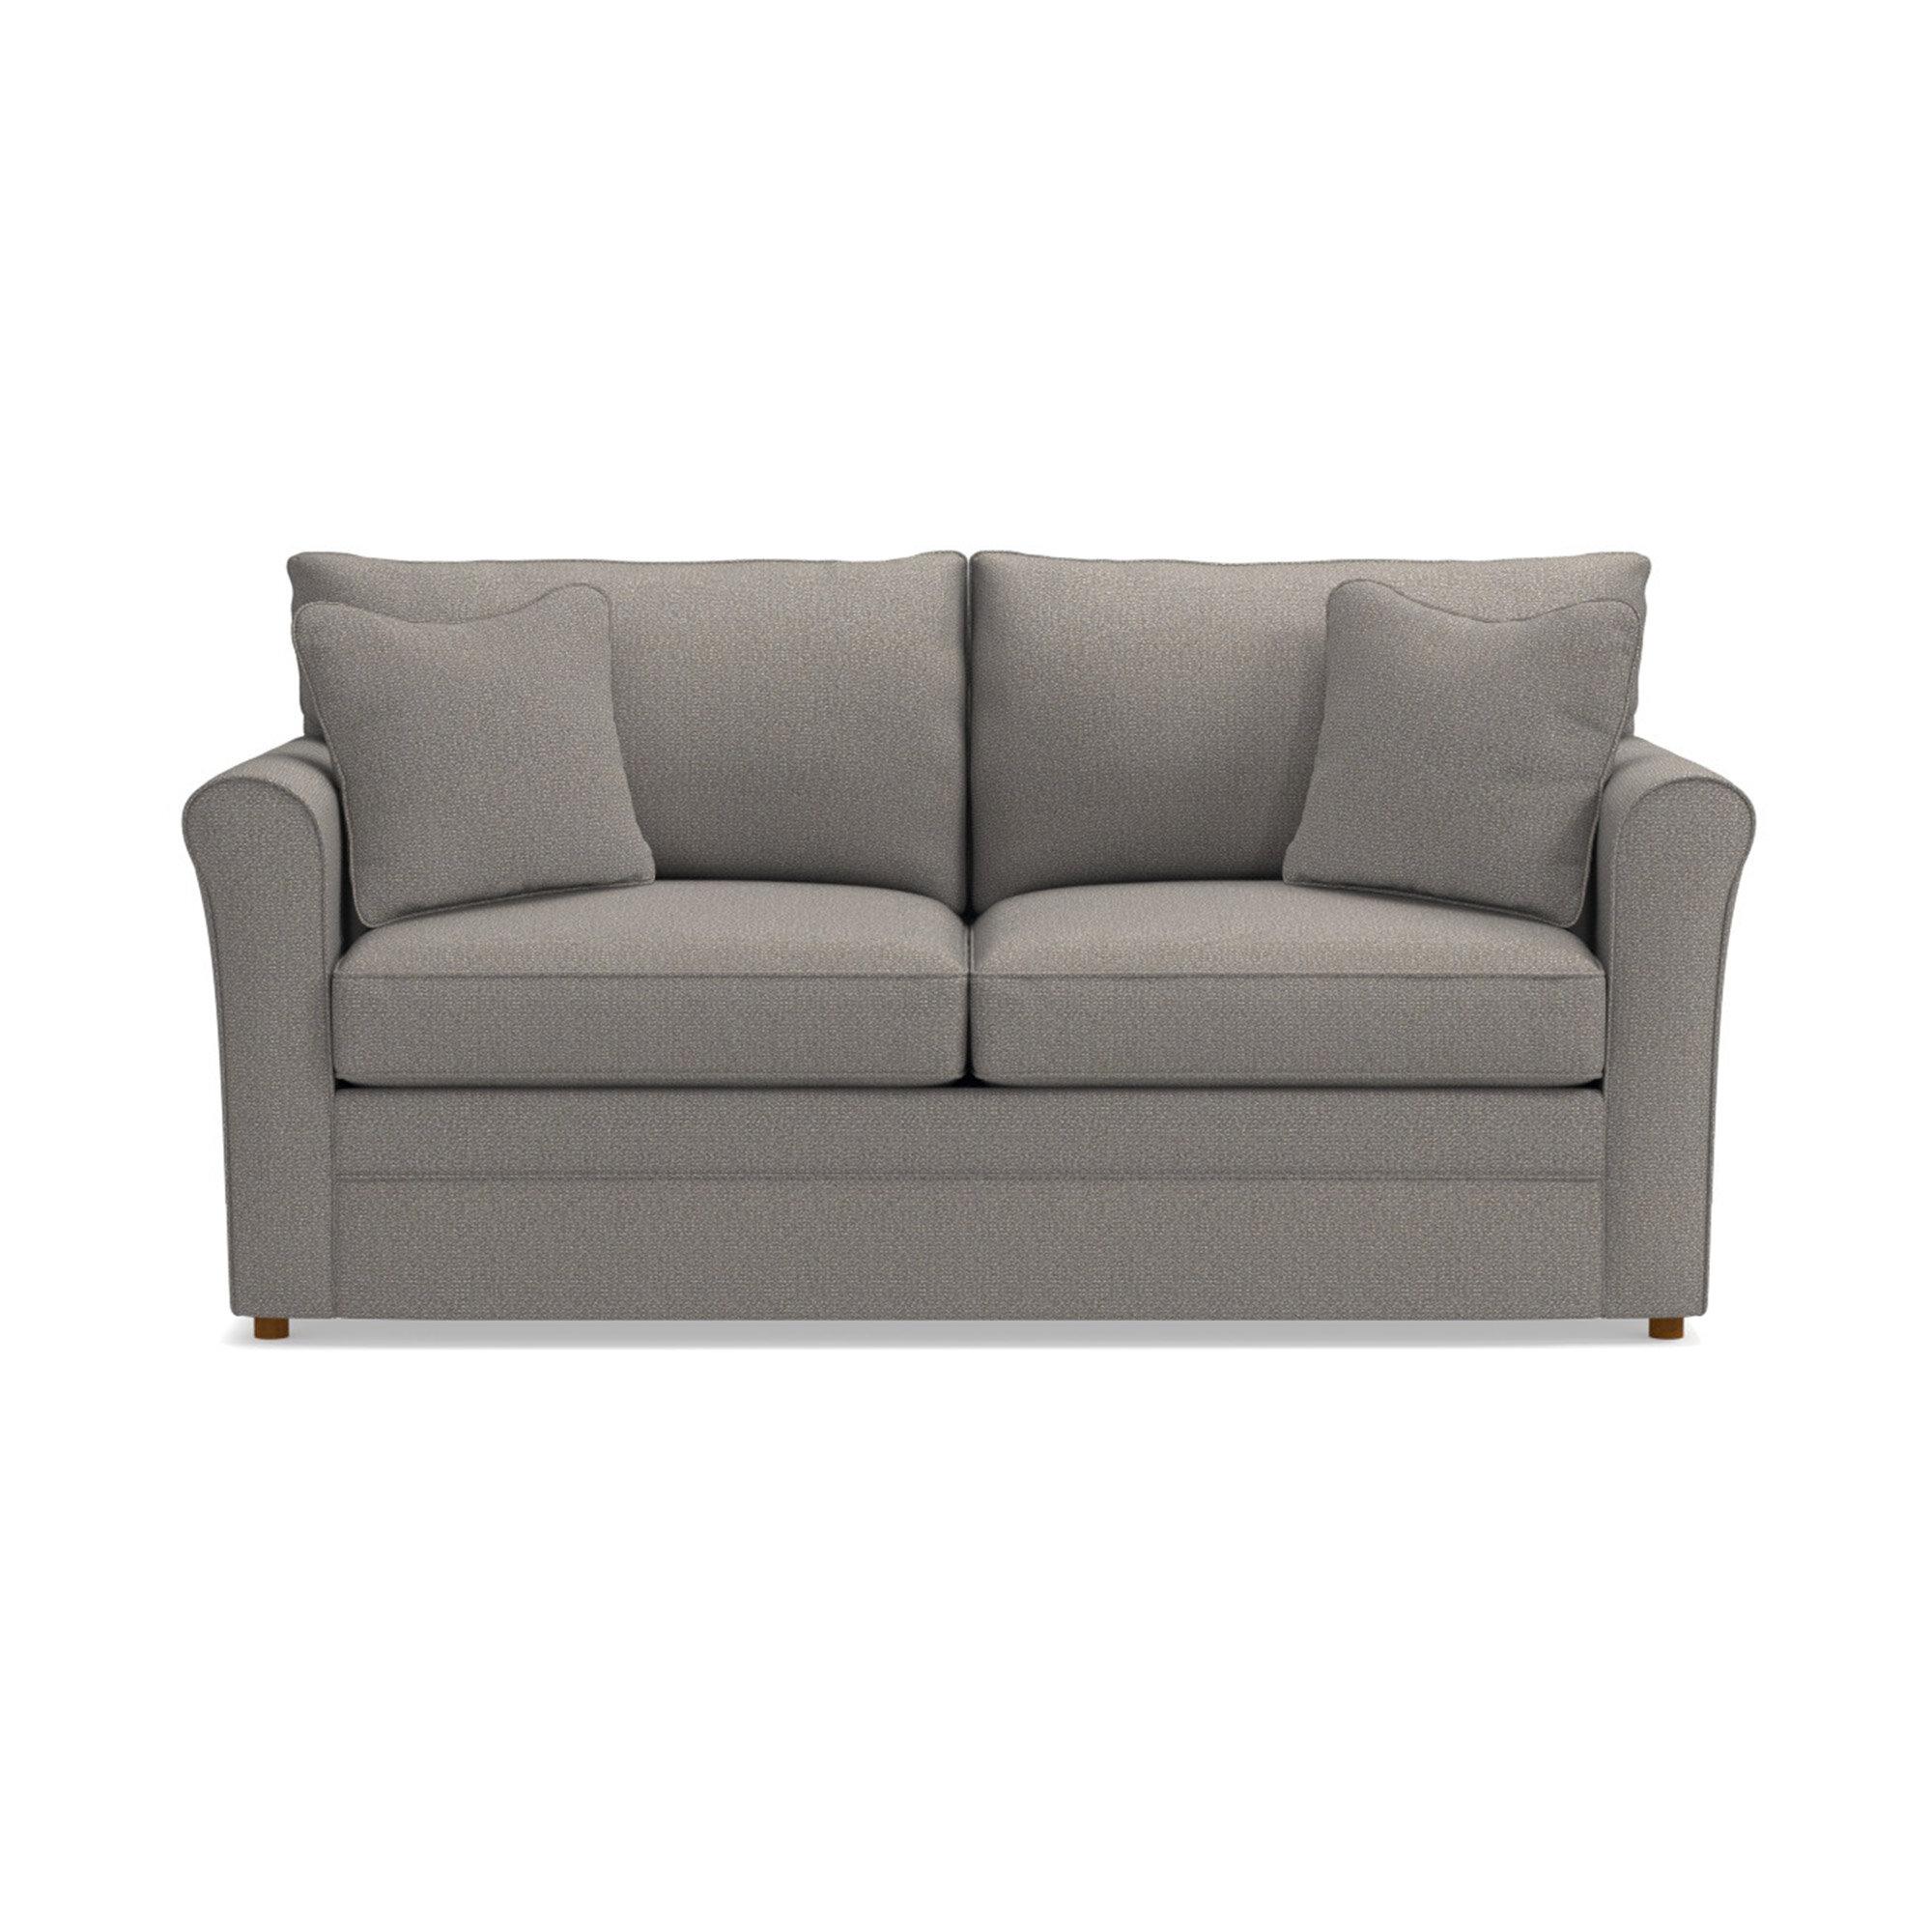 Leah Supreme Sofa Bed